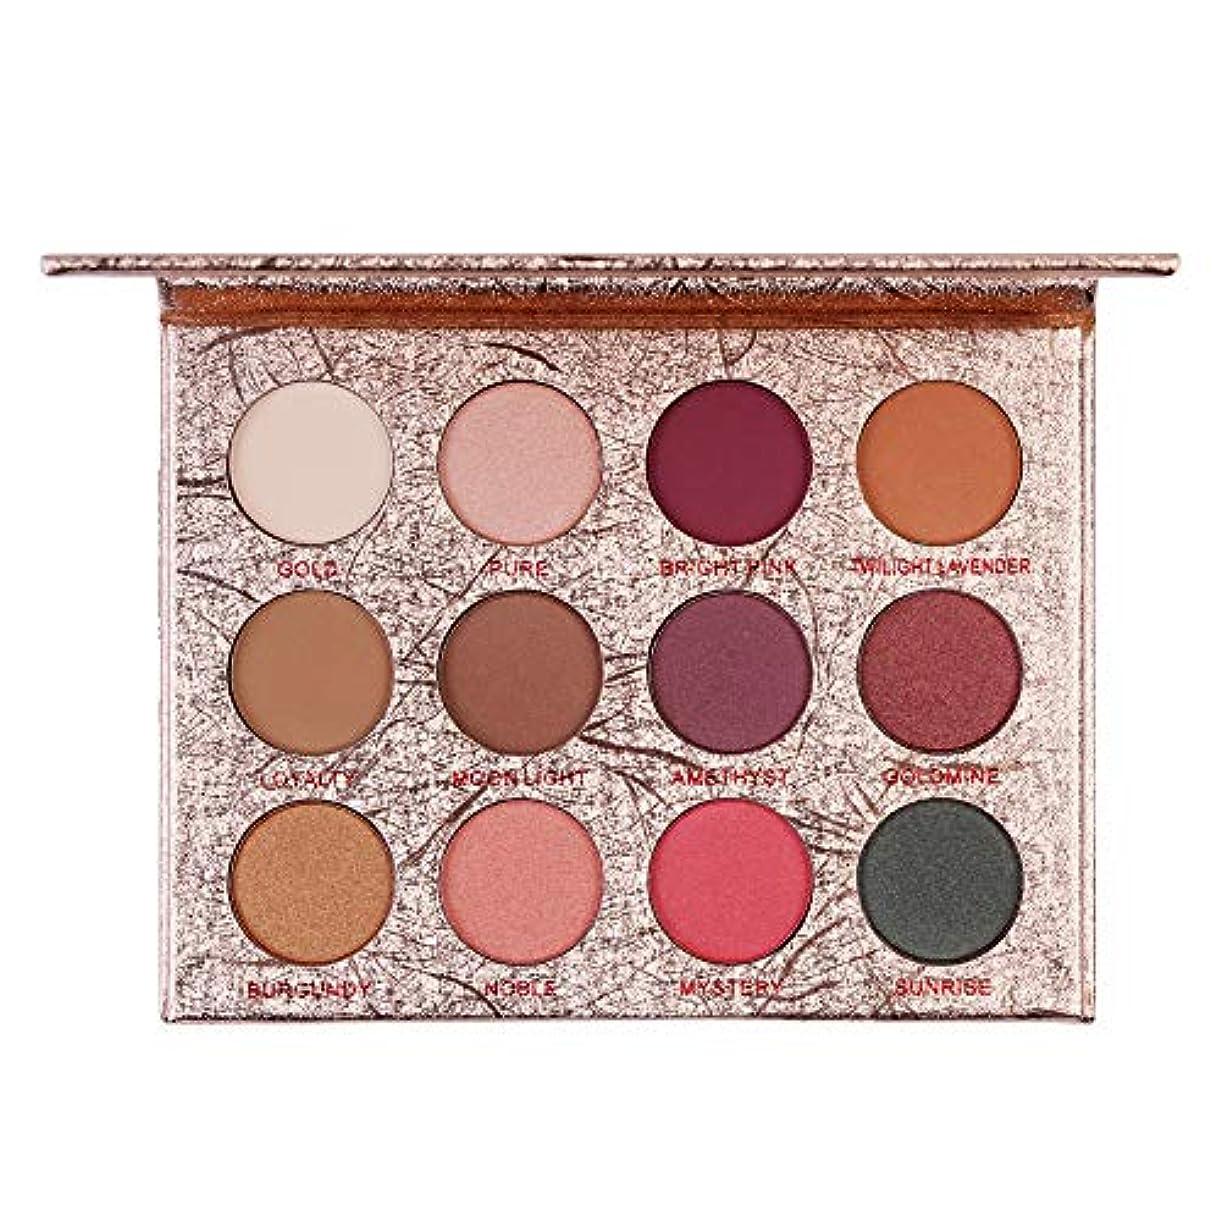 ほめる典型的な回転12色のきらめきのきらめきのアイシャドウの粉のマットのアイシャドウの化粧品の構造